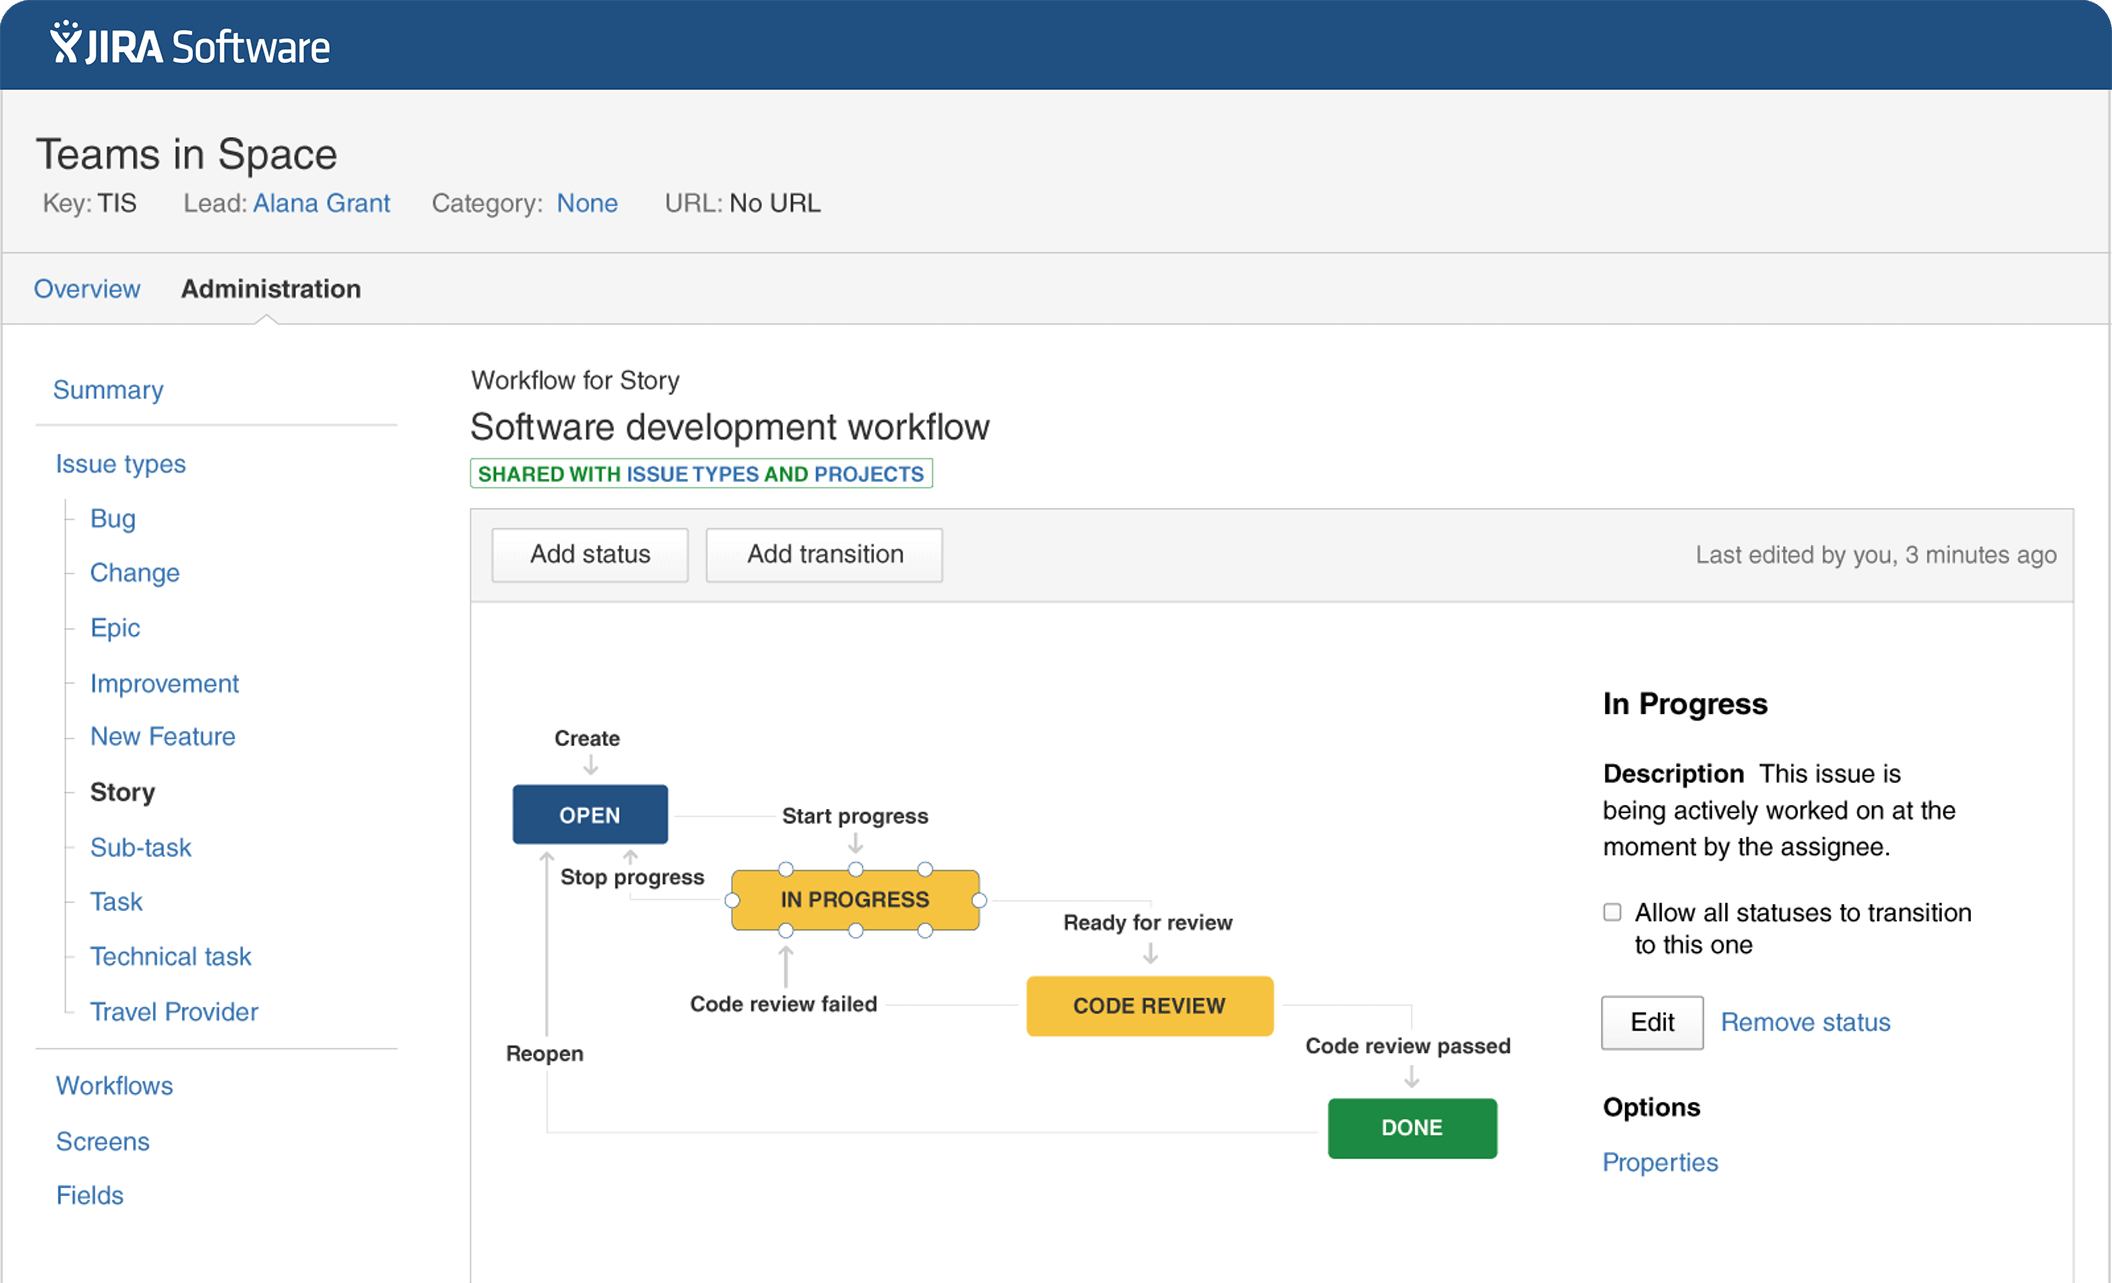 ferramenta de gerenciamento de projeto-jira-software para fluxo de trabalho